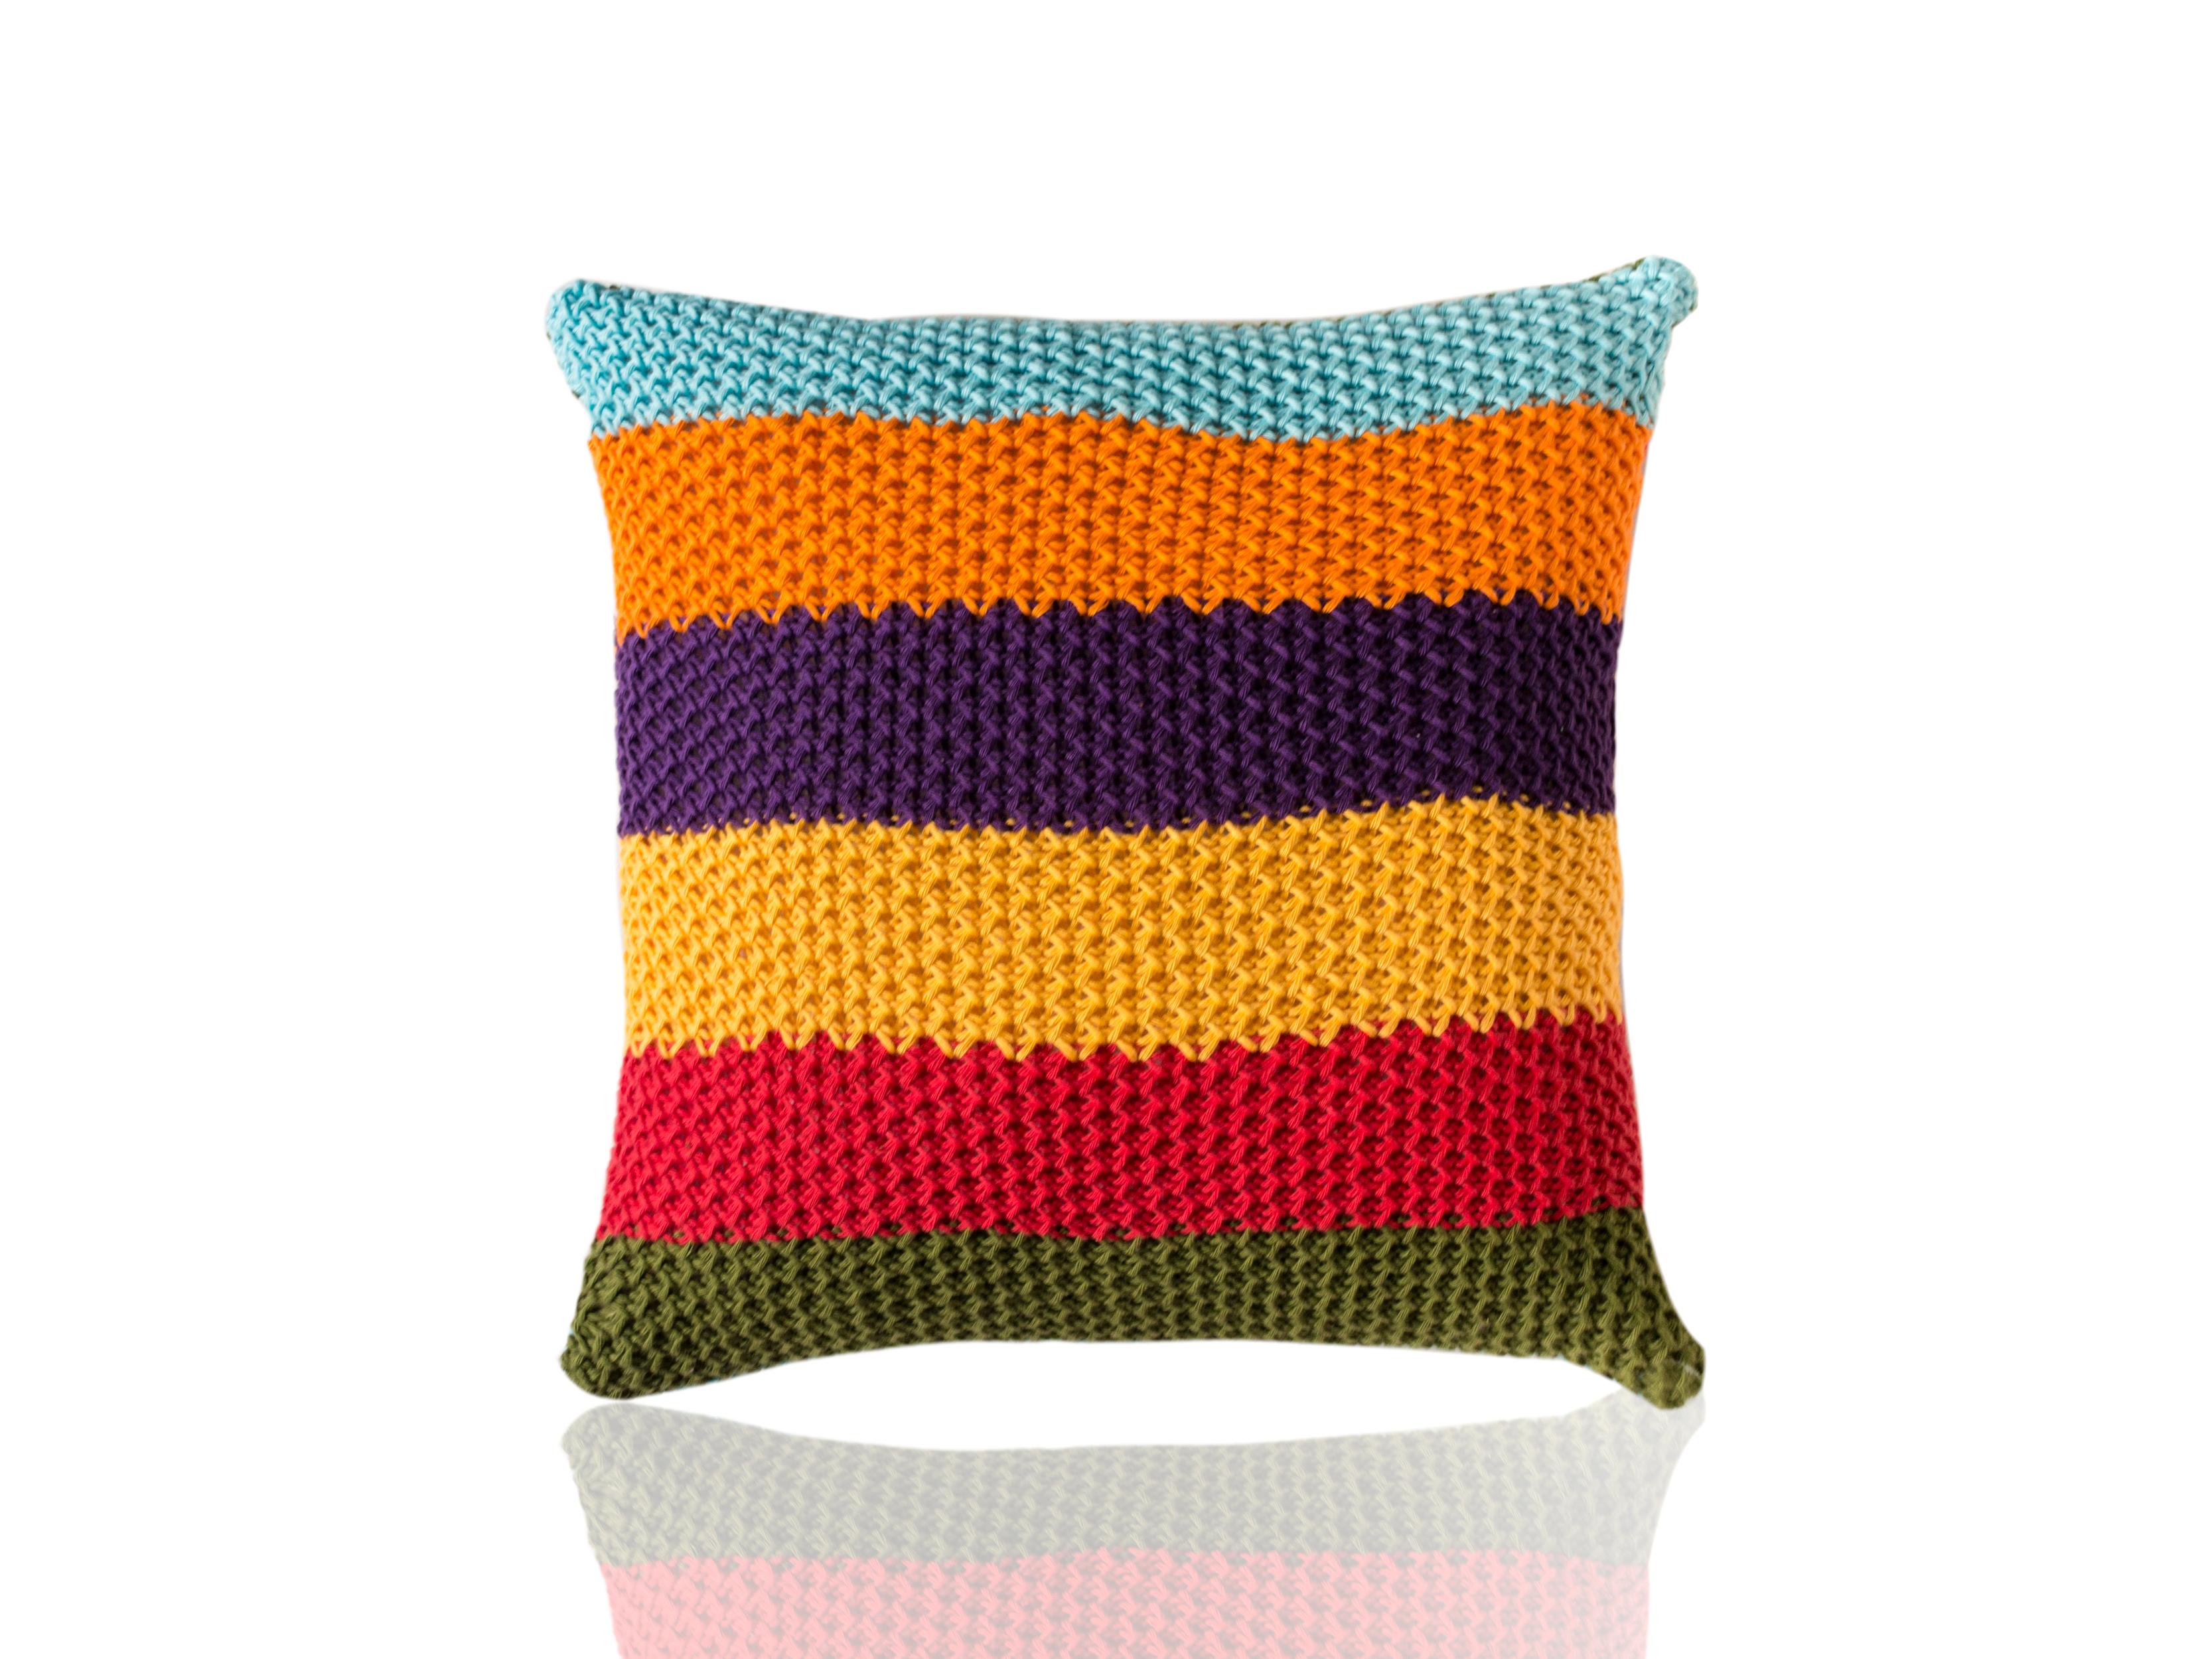 Подушка CincoКвадратные подушки и наволочки<br>Cinco - вязаная диванная подушка ручной работы - сделана из высококачественных материалов в Барселоне, Испания. Яркая, мягкая и красивая, эта вещь добавит комфорта и уюта любому домашнему декору.&amp;amp;nbsp;&amp;lt;div&amp;gt;&amp;lt;br&amp;gt;&amp;lt;/div&amp;gt;&amp;lt;div&amp;gt;Состав наволочки: 100% хлопок&amp;amp;nbsp;&amp;lt;/div&amp;gt;&amp;lt;div&amp;gt;Наполнитель (вынимающаяся подушка): 100% полиэстер&amp;amp;nbsp;&amp;lt;/div&amp;gt;<br><br>Material: Хлопок<br>Ширина см: 40.0<br>Высота см: 40.0<br>Глубина см: 10.0